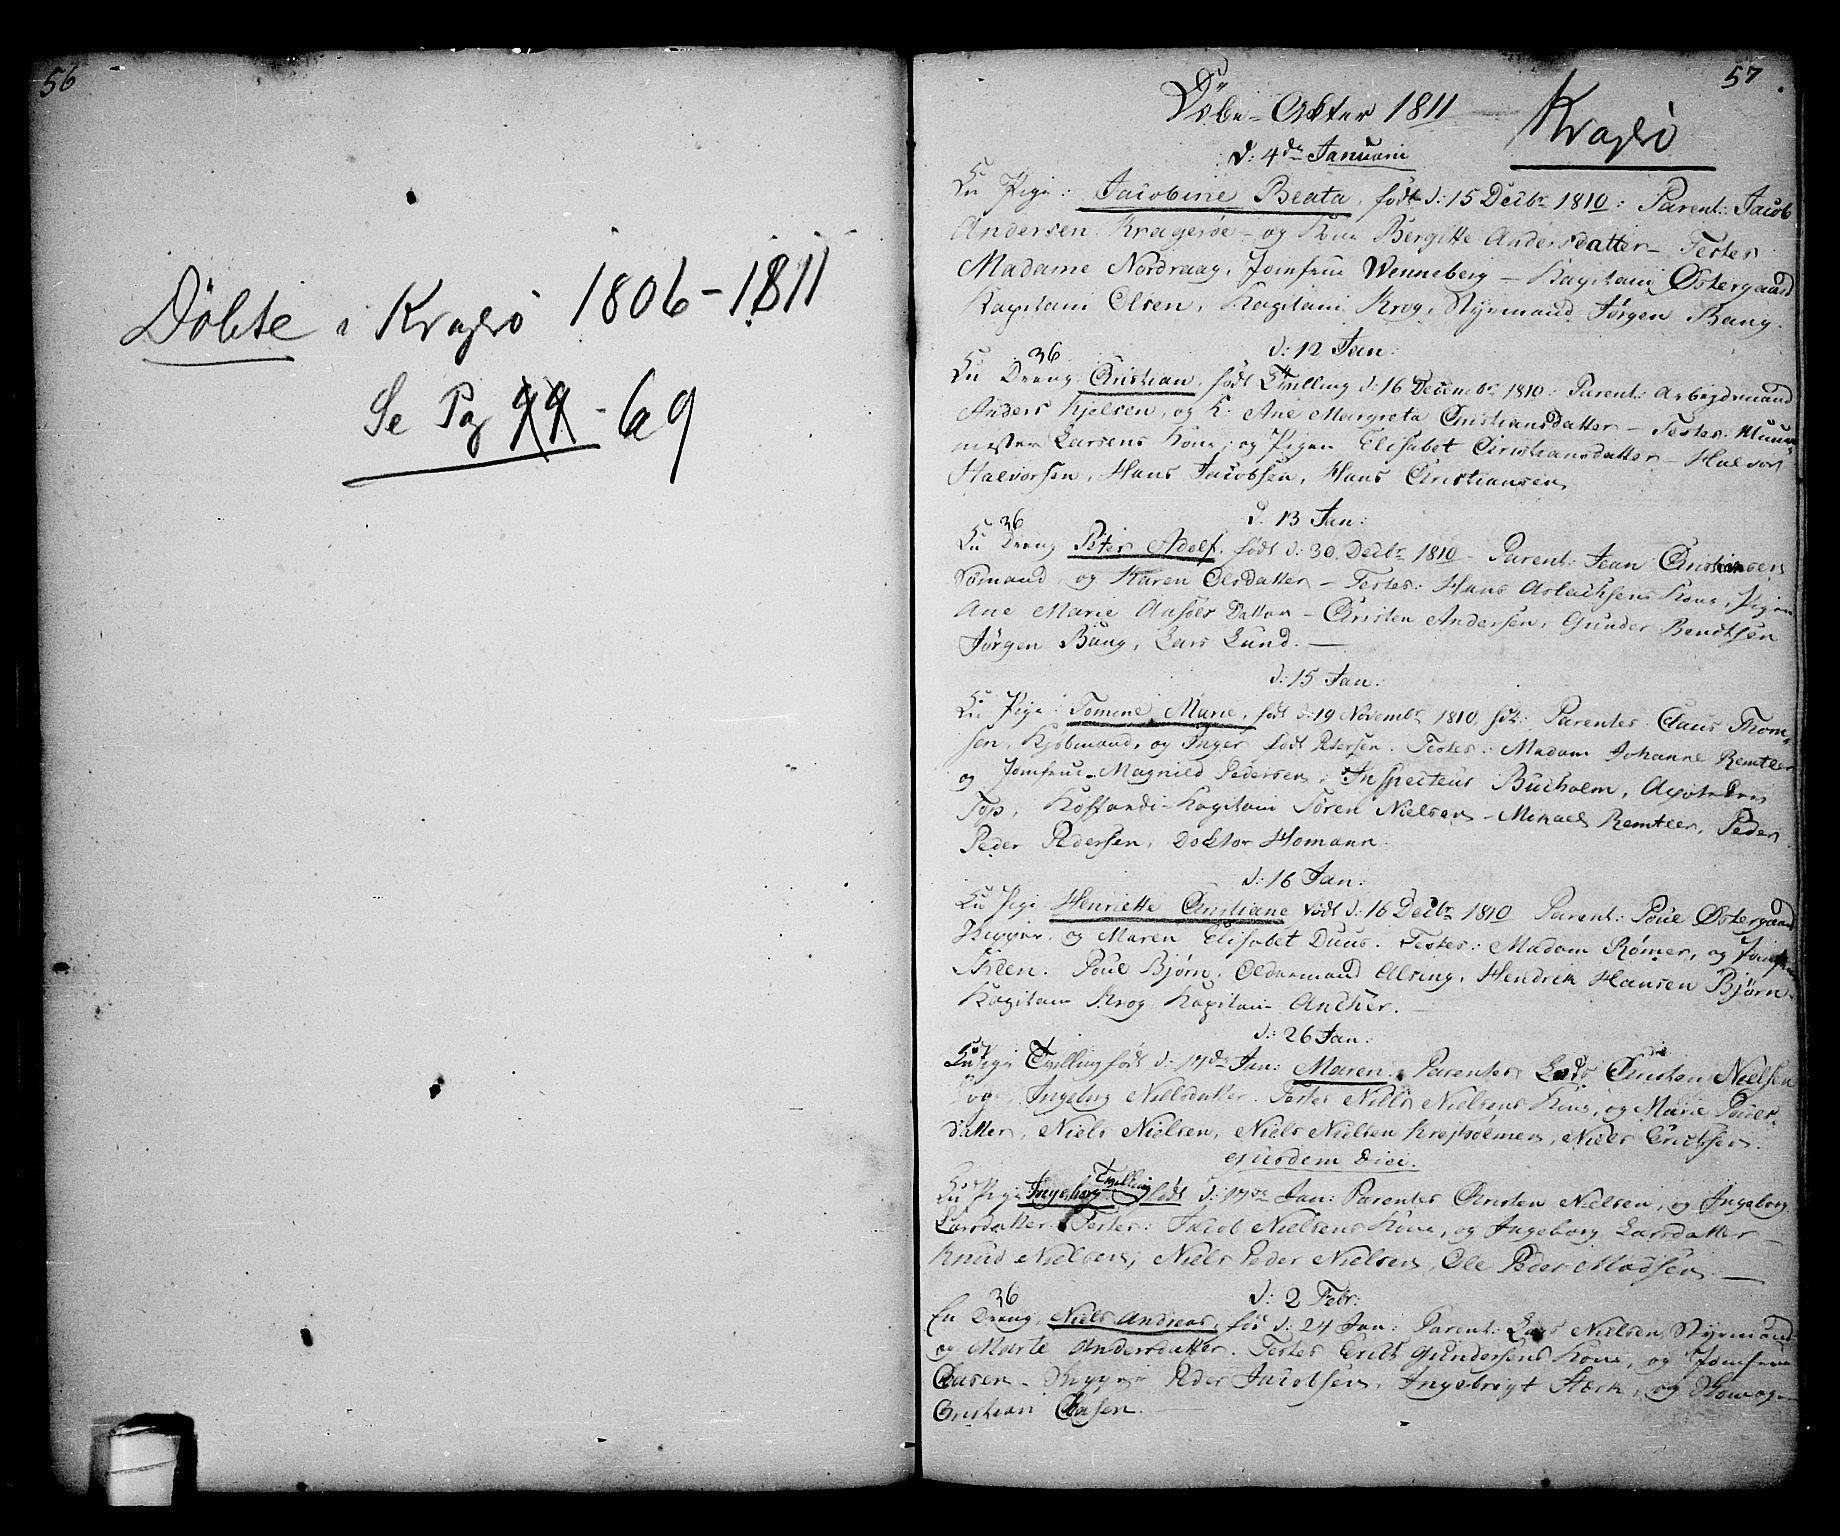 SAKO, Kragerø kirkebøker, G/Ga/L0001: Klokkerbok nr. 1 /1, 1806-1811, s. 56-57